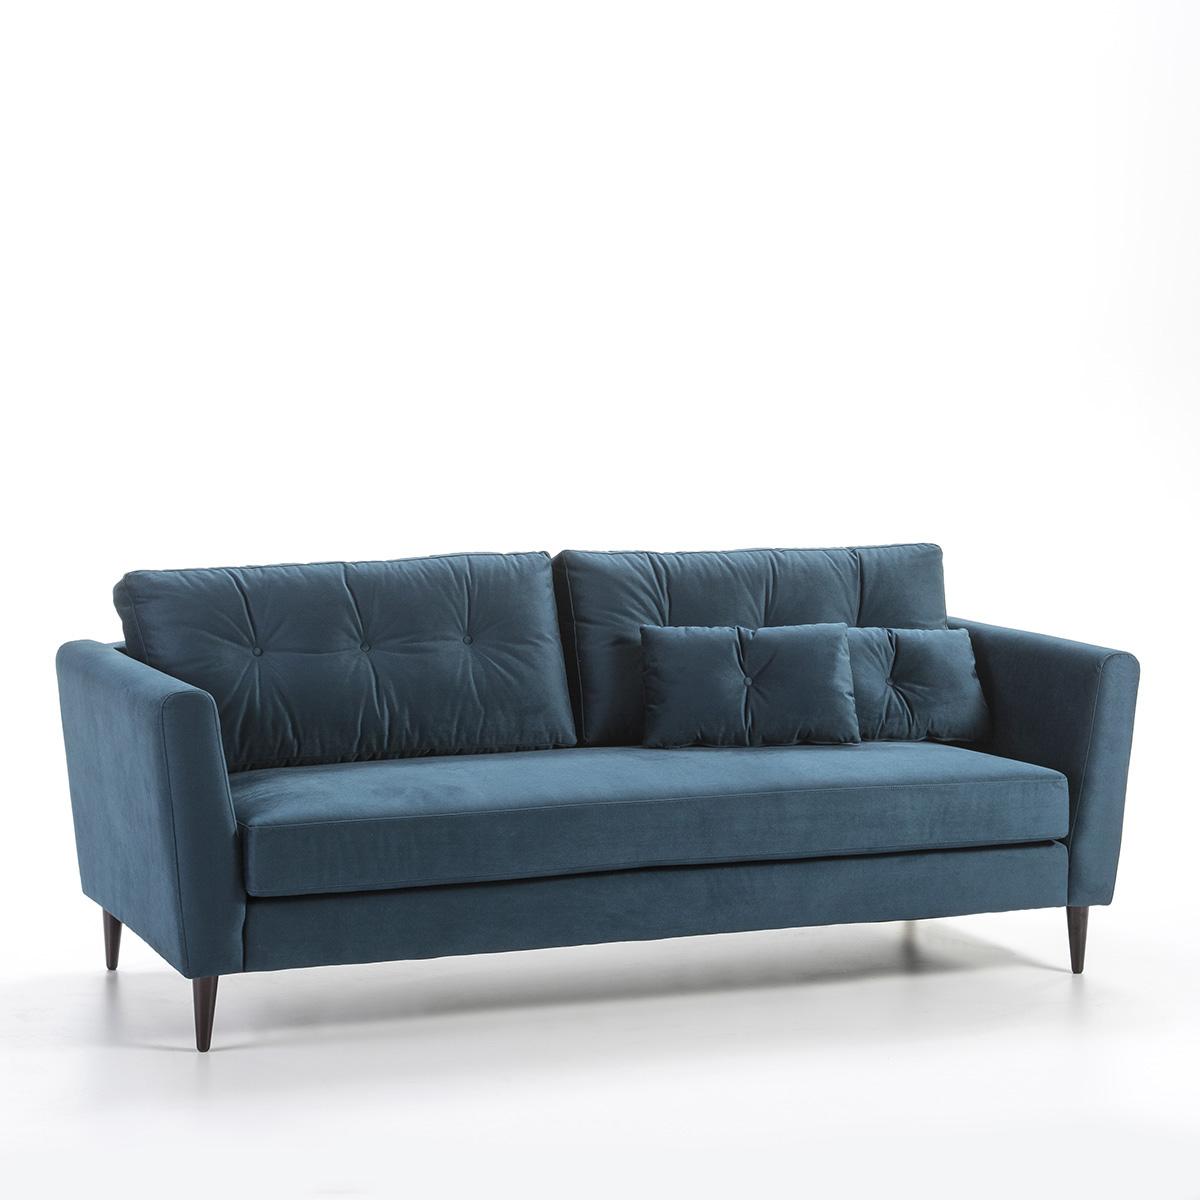 Sofas Con Patas Altas Y7du 01 sofa De Diseà O Nà Rdico 216 Botones Y Patas Altas Primera